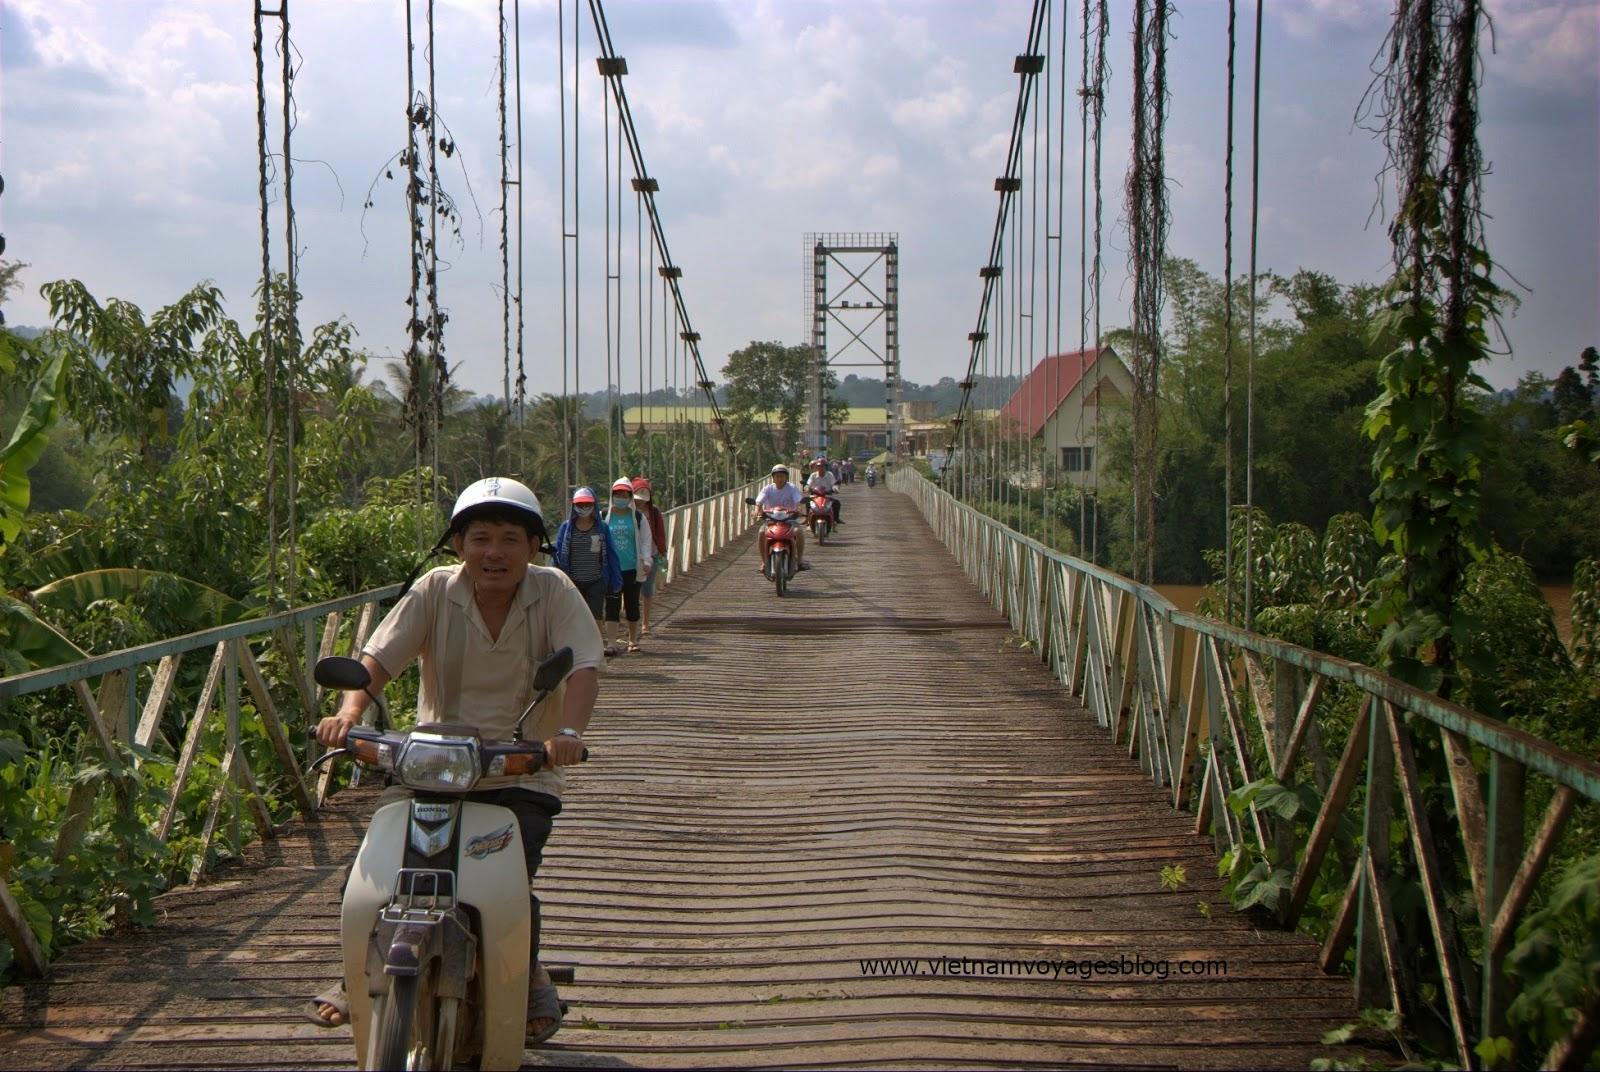 Khảo sát tuyến du lịch hai ngày một đêm tại Nam Cát Tiên, Đồng Nai